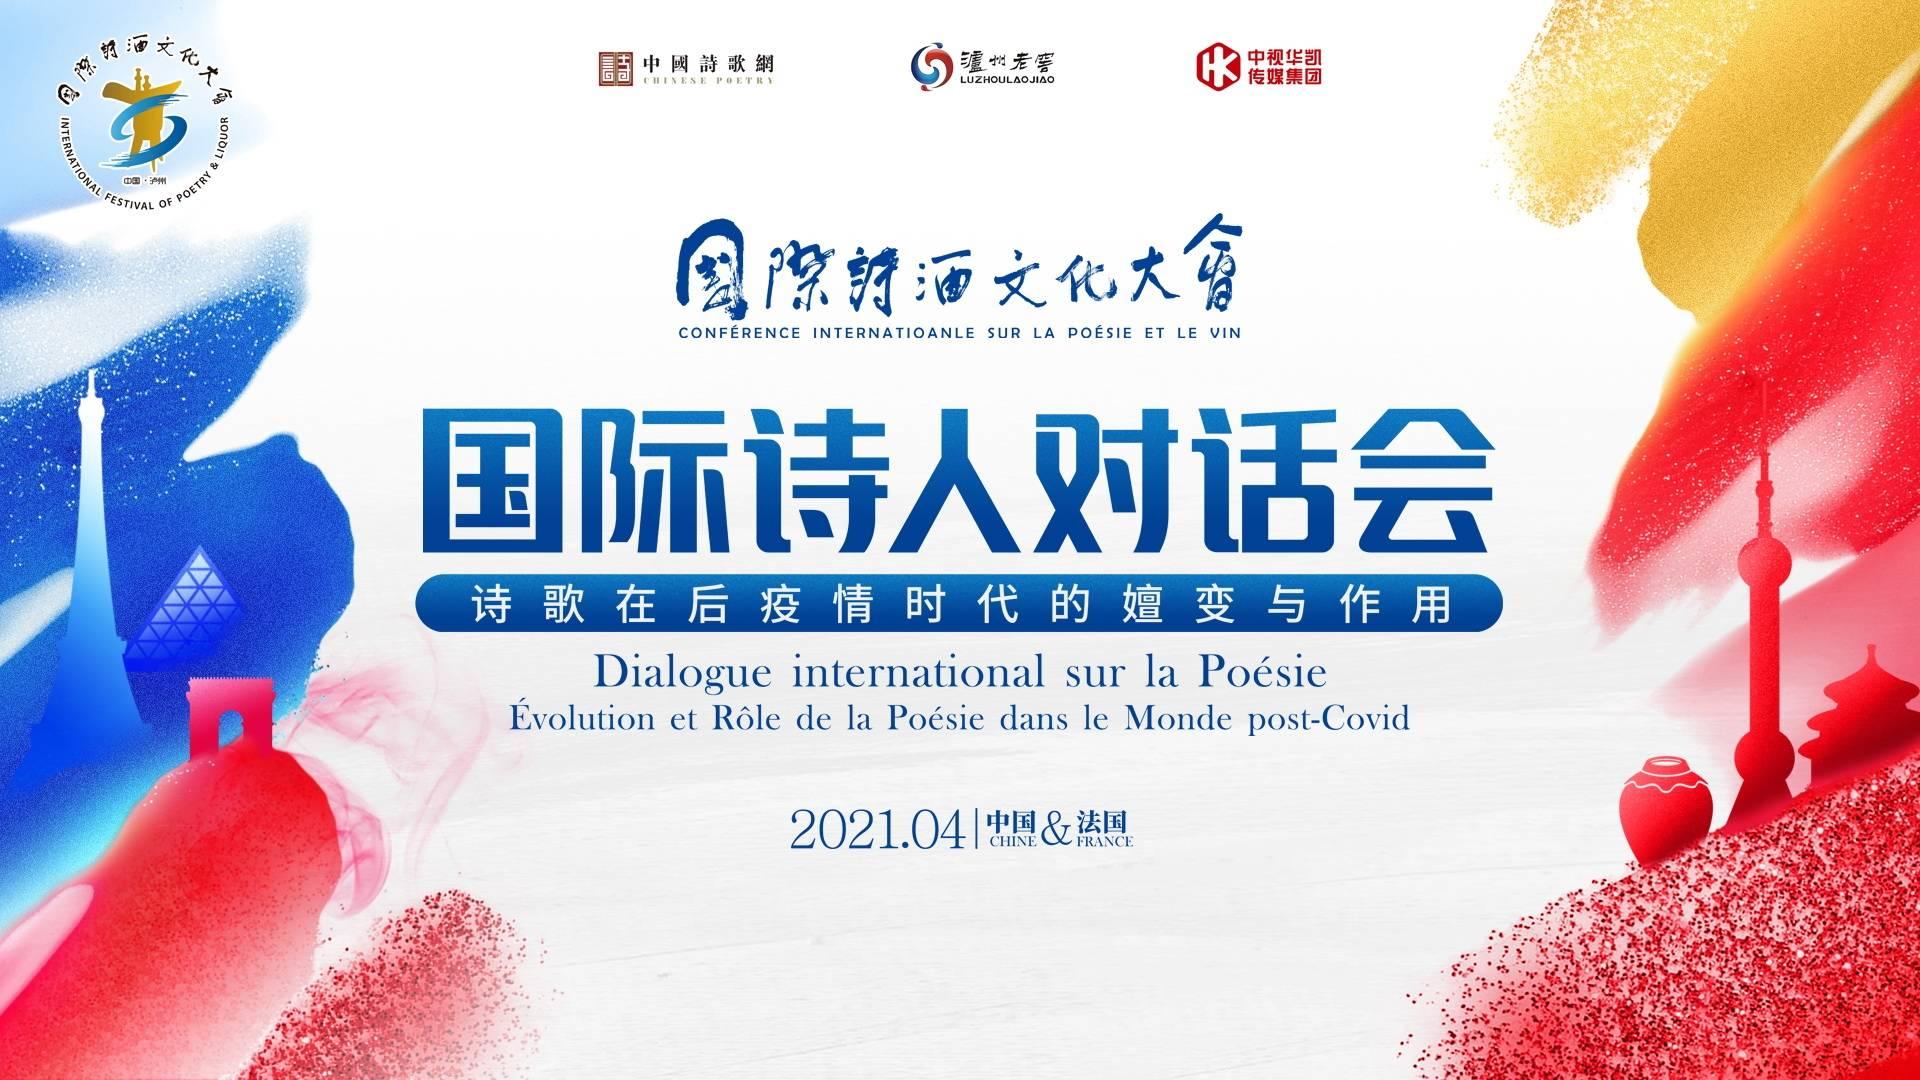 """""""国际诗人对话会""""即将举行 各国诗人探讨后疫情时代的诗歌精神"""